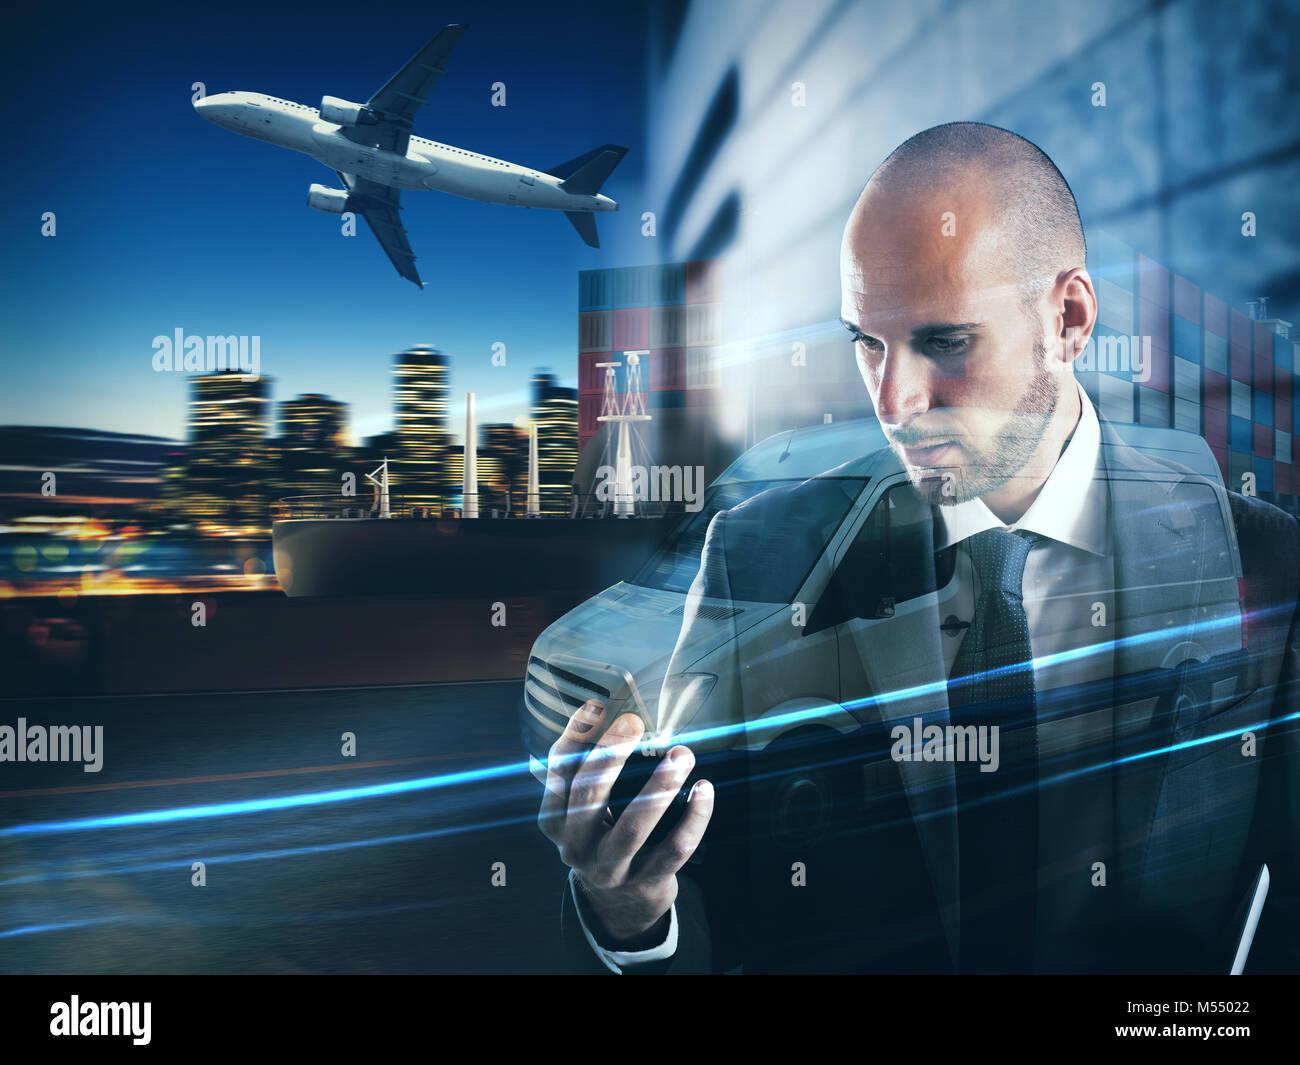 Konzept der Zuverlässigkeit und Engagement eines Unternehmens. 3D-Rendering Stockbild